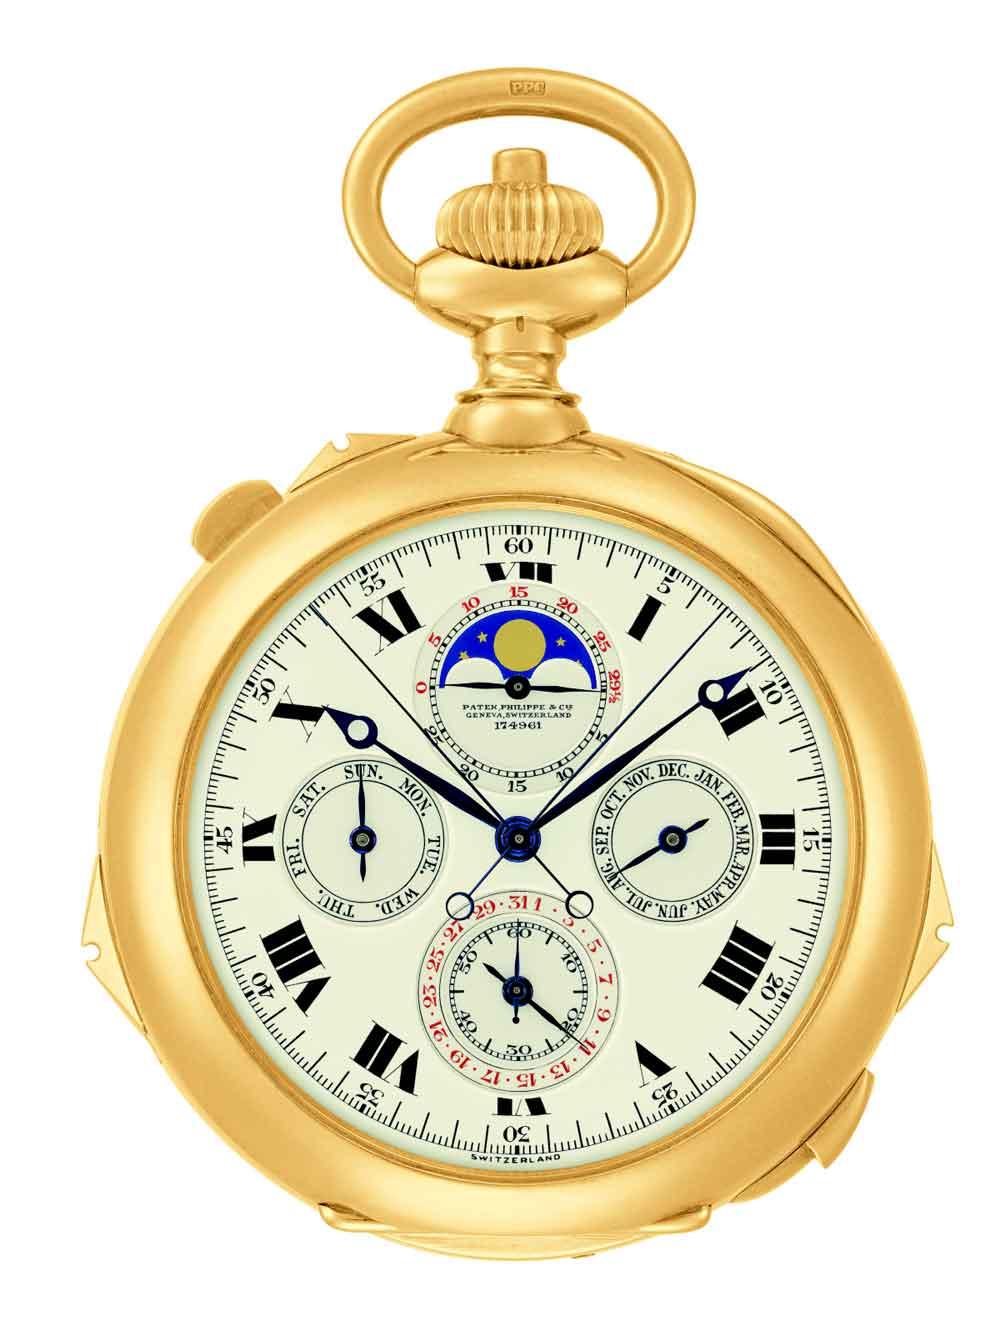 Reloj Patek Philippe Henry Graves Jr